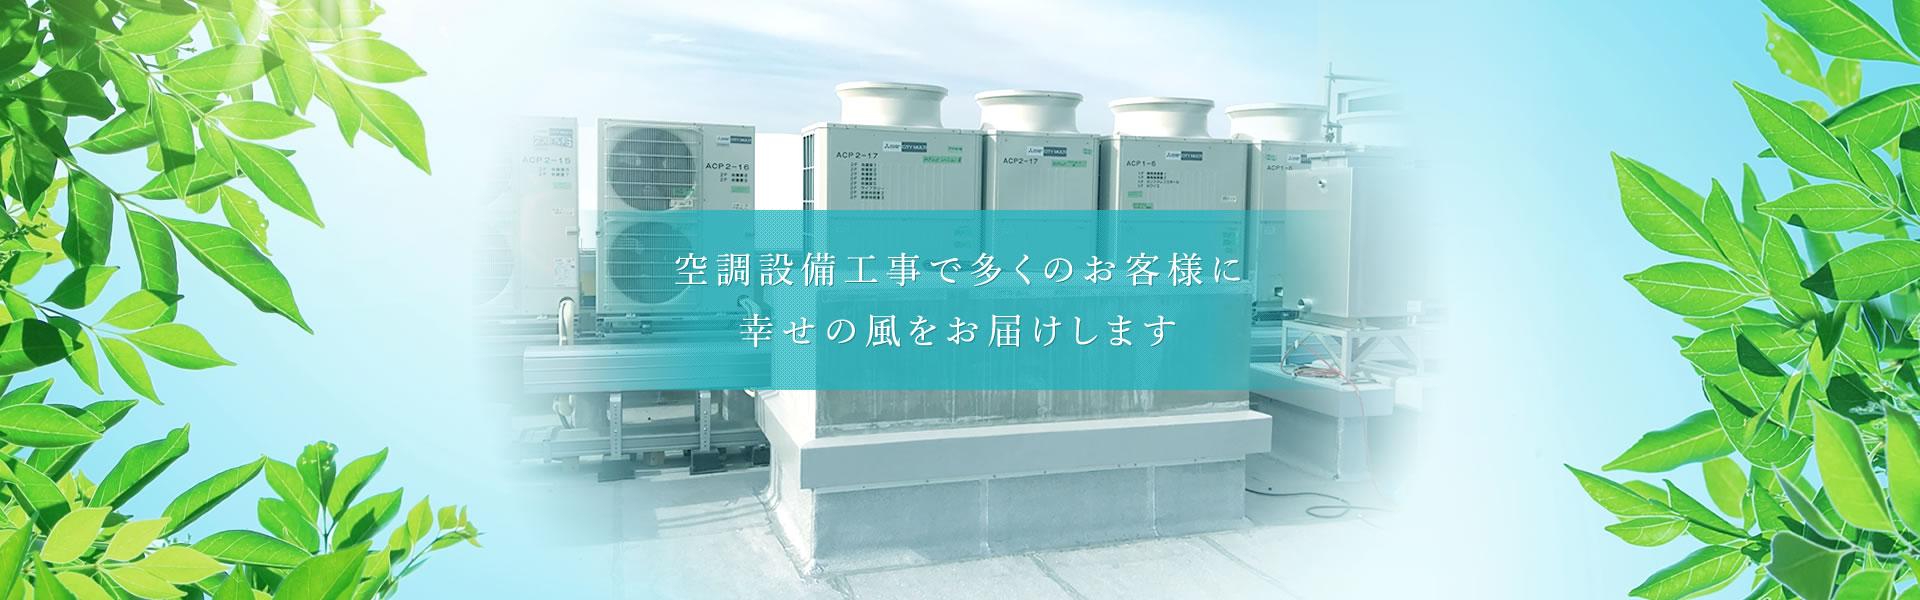 空調設備工事で多くのお客様に幸せの風をお届けします